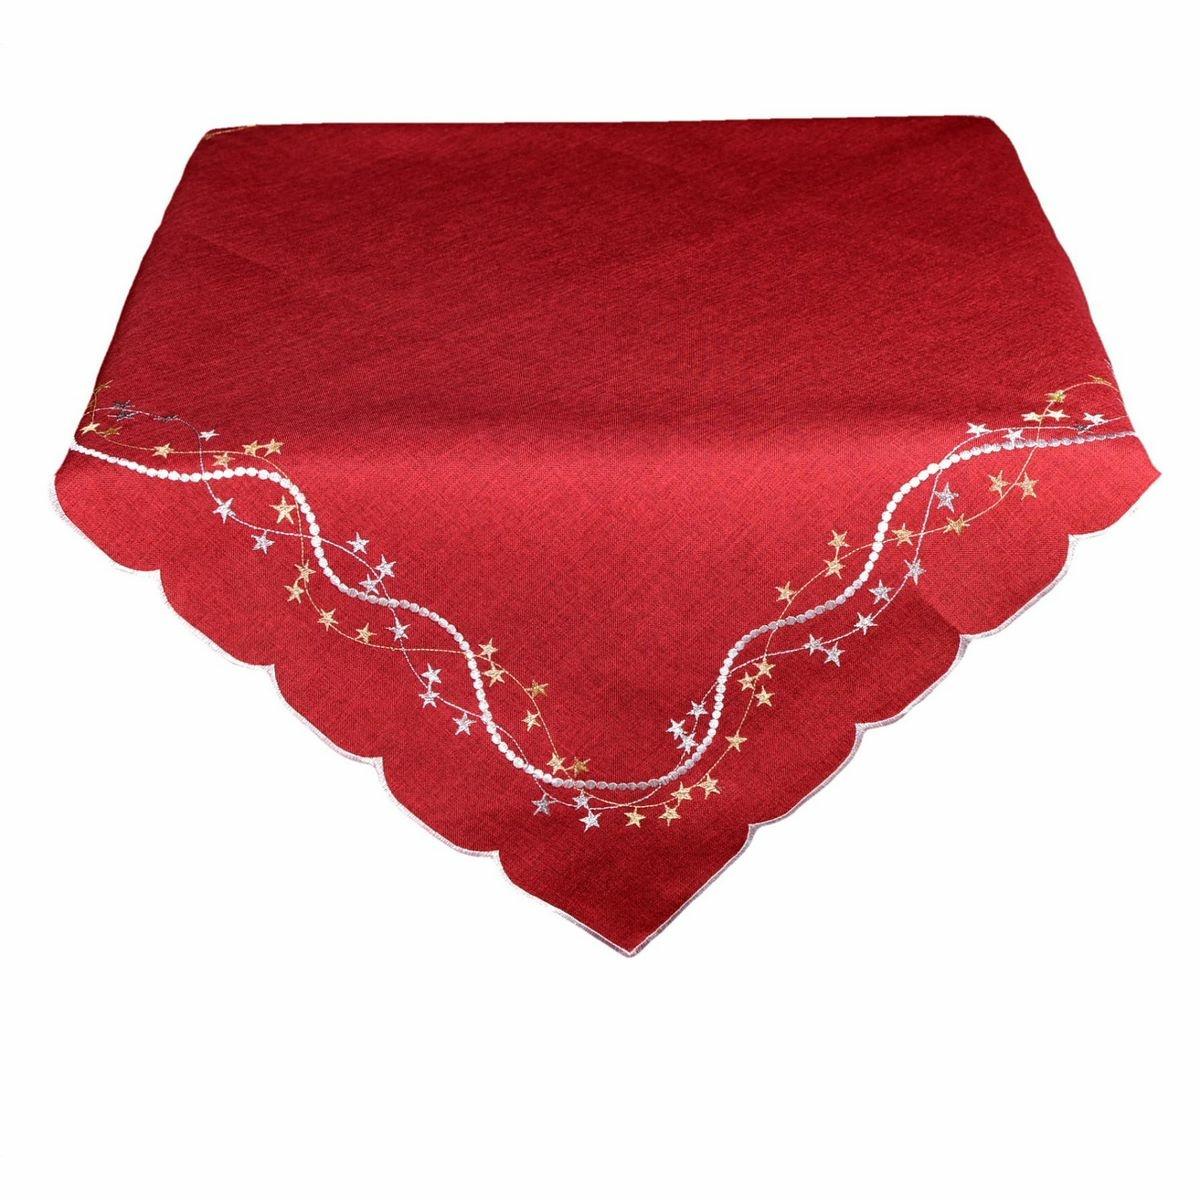 BO-MA Trading Vánoční ubrus Hvězdičky červená, 120 x 140 cm